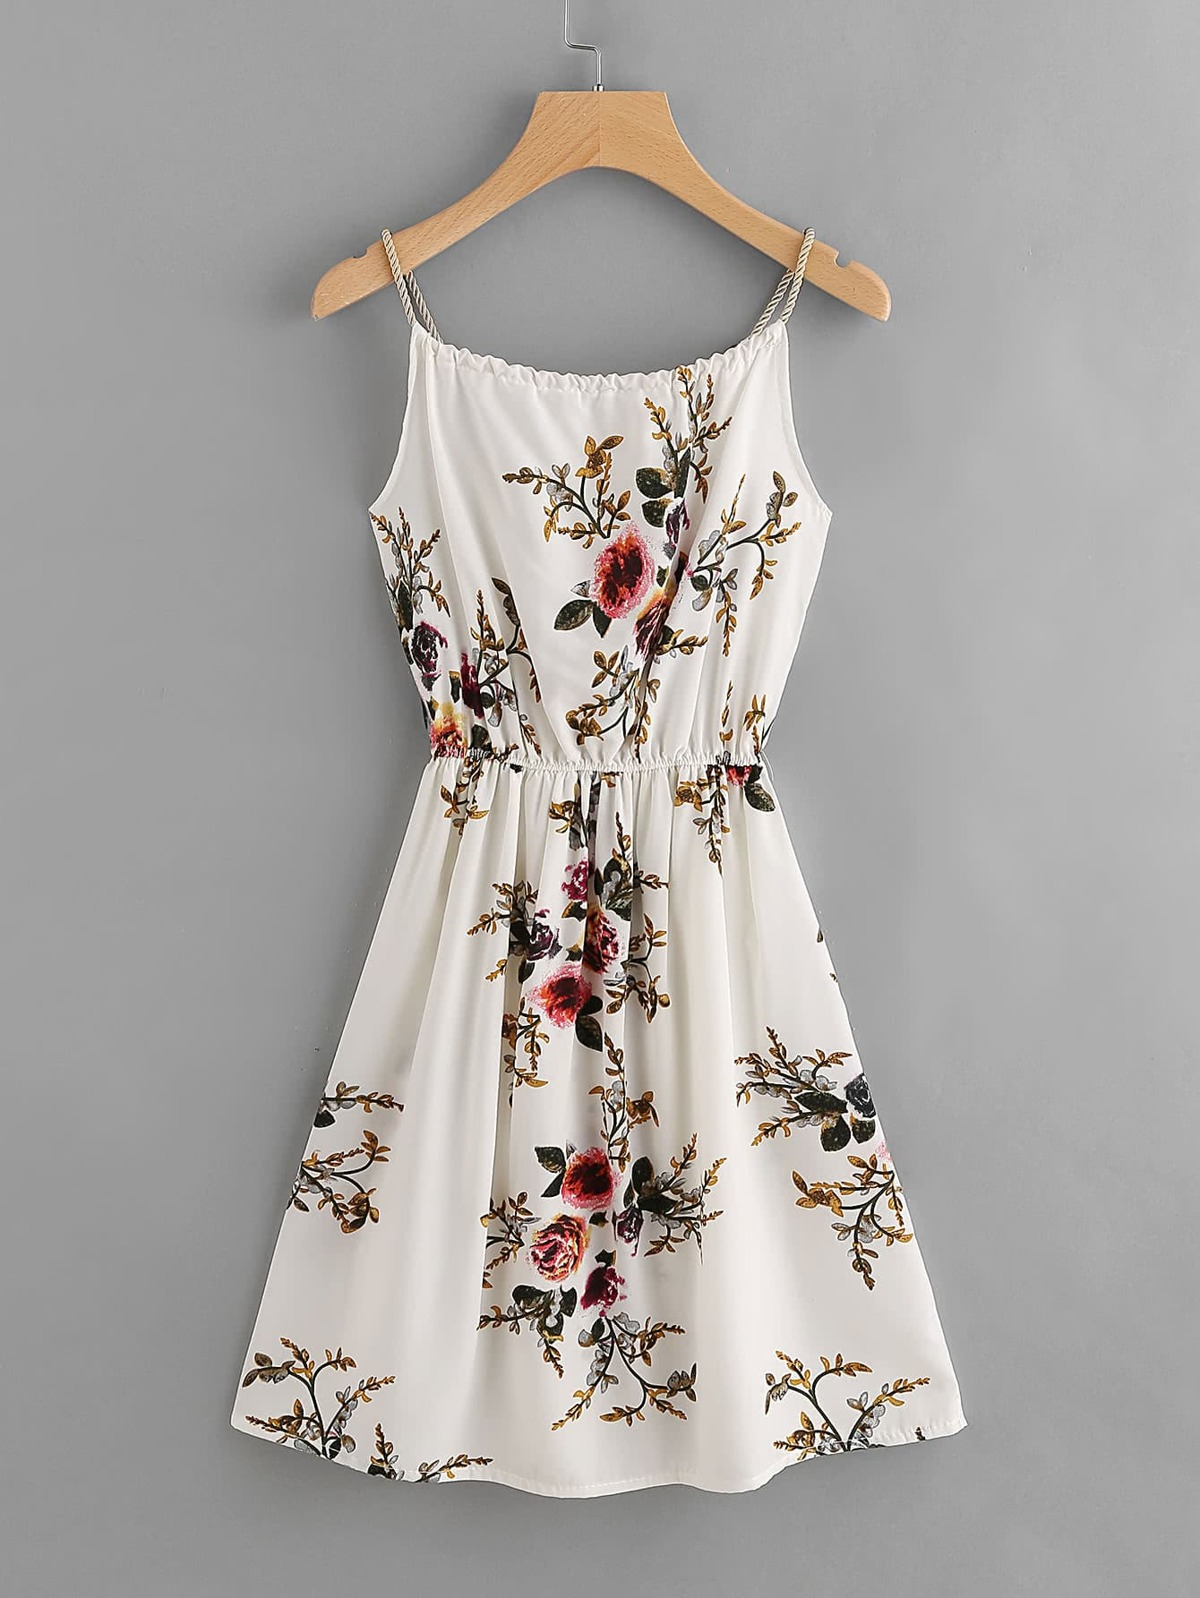 花葉 圖片 隨意 綁帶 無袖女用胸衣 洋裝